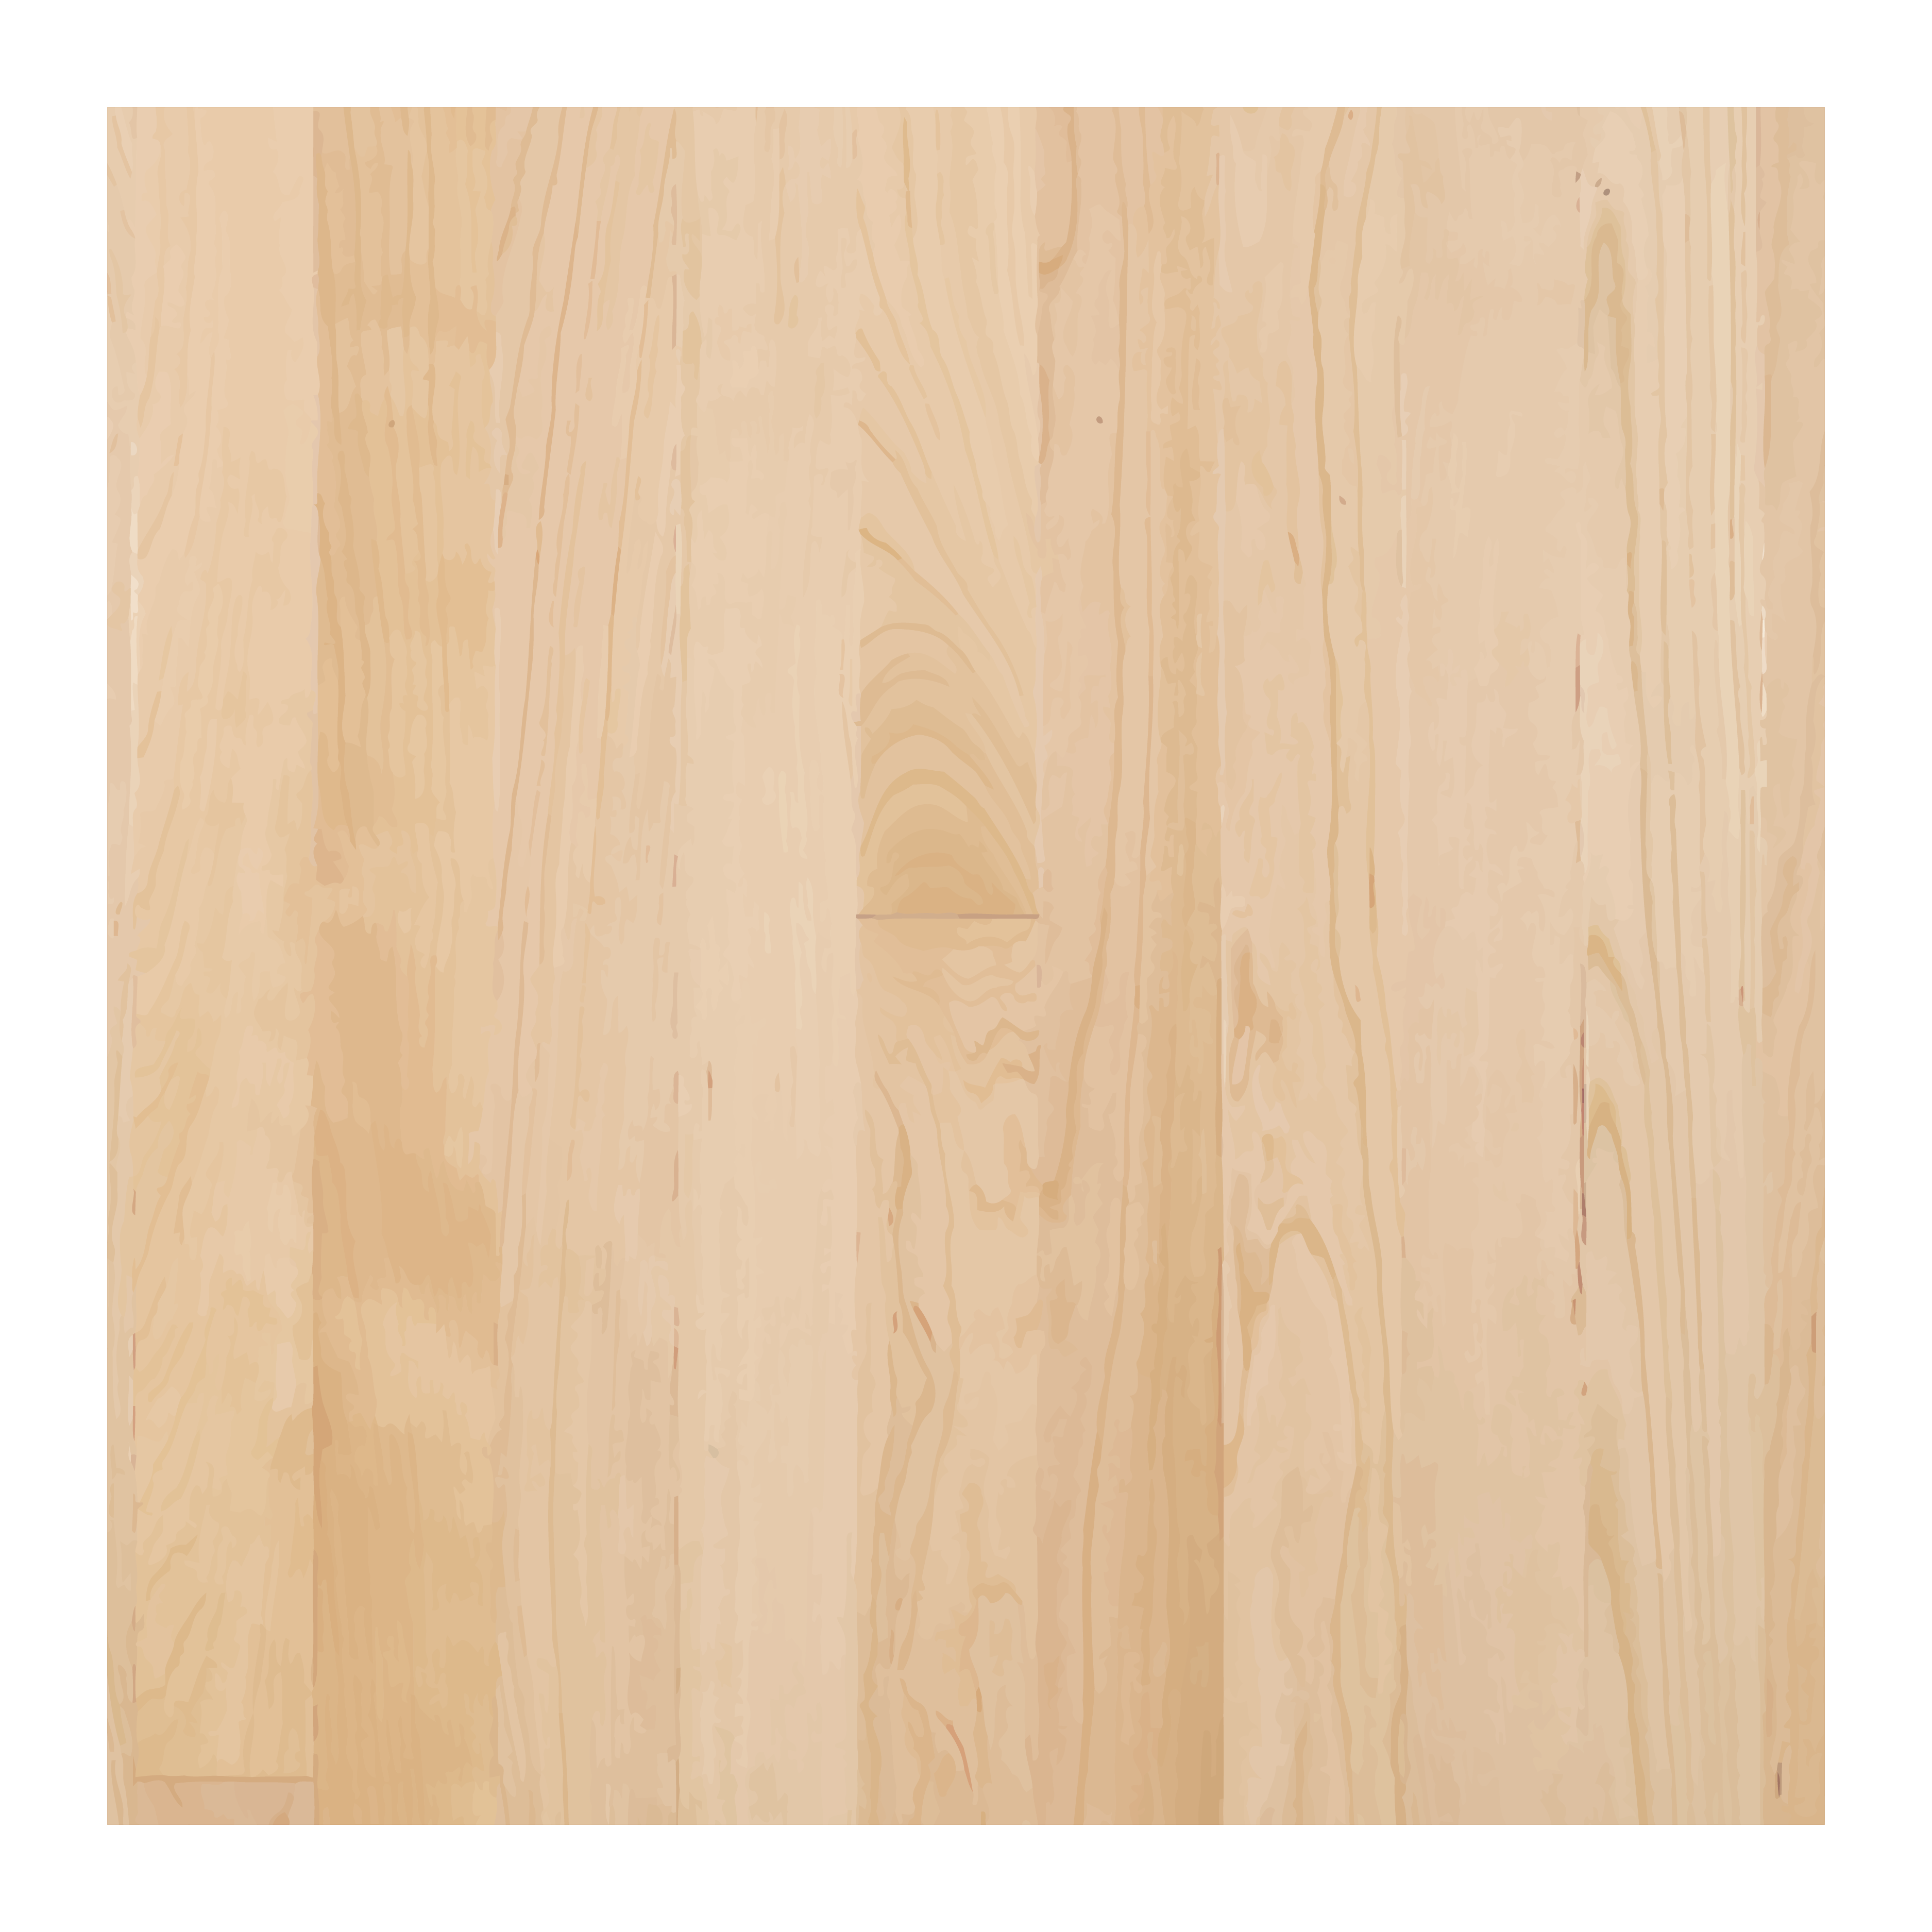 3750x3750 Wood